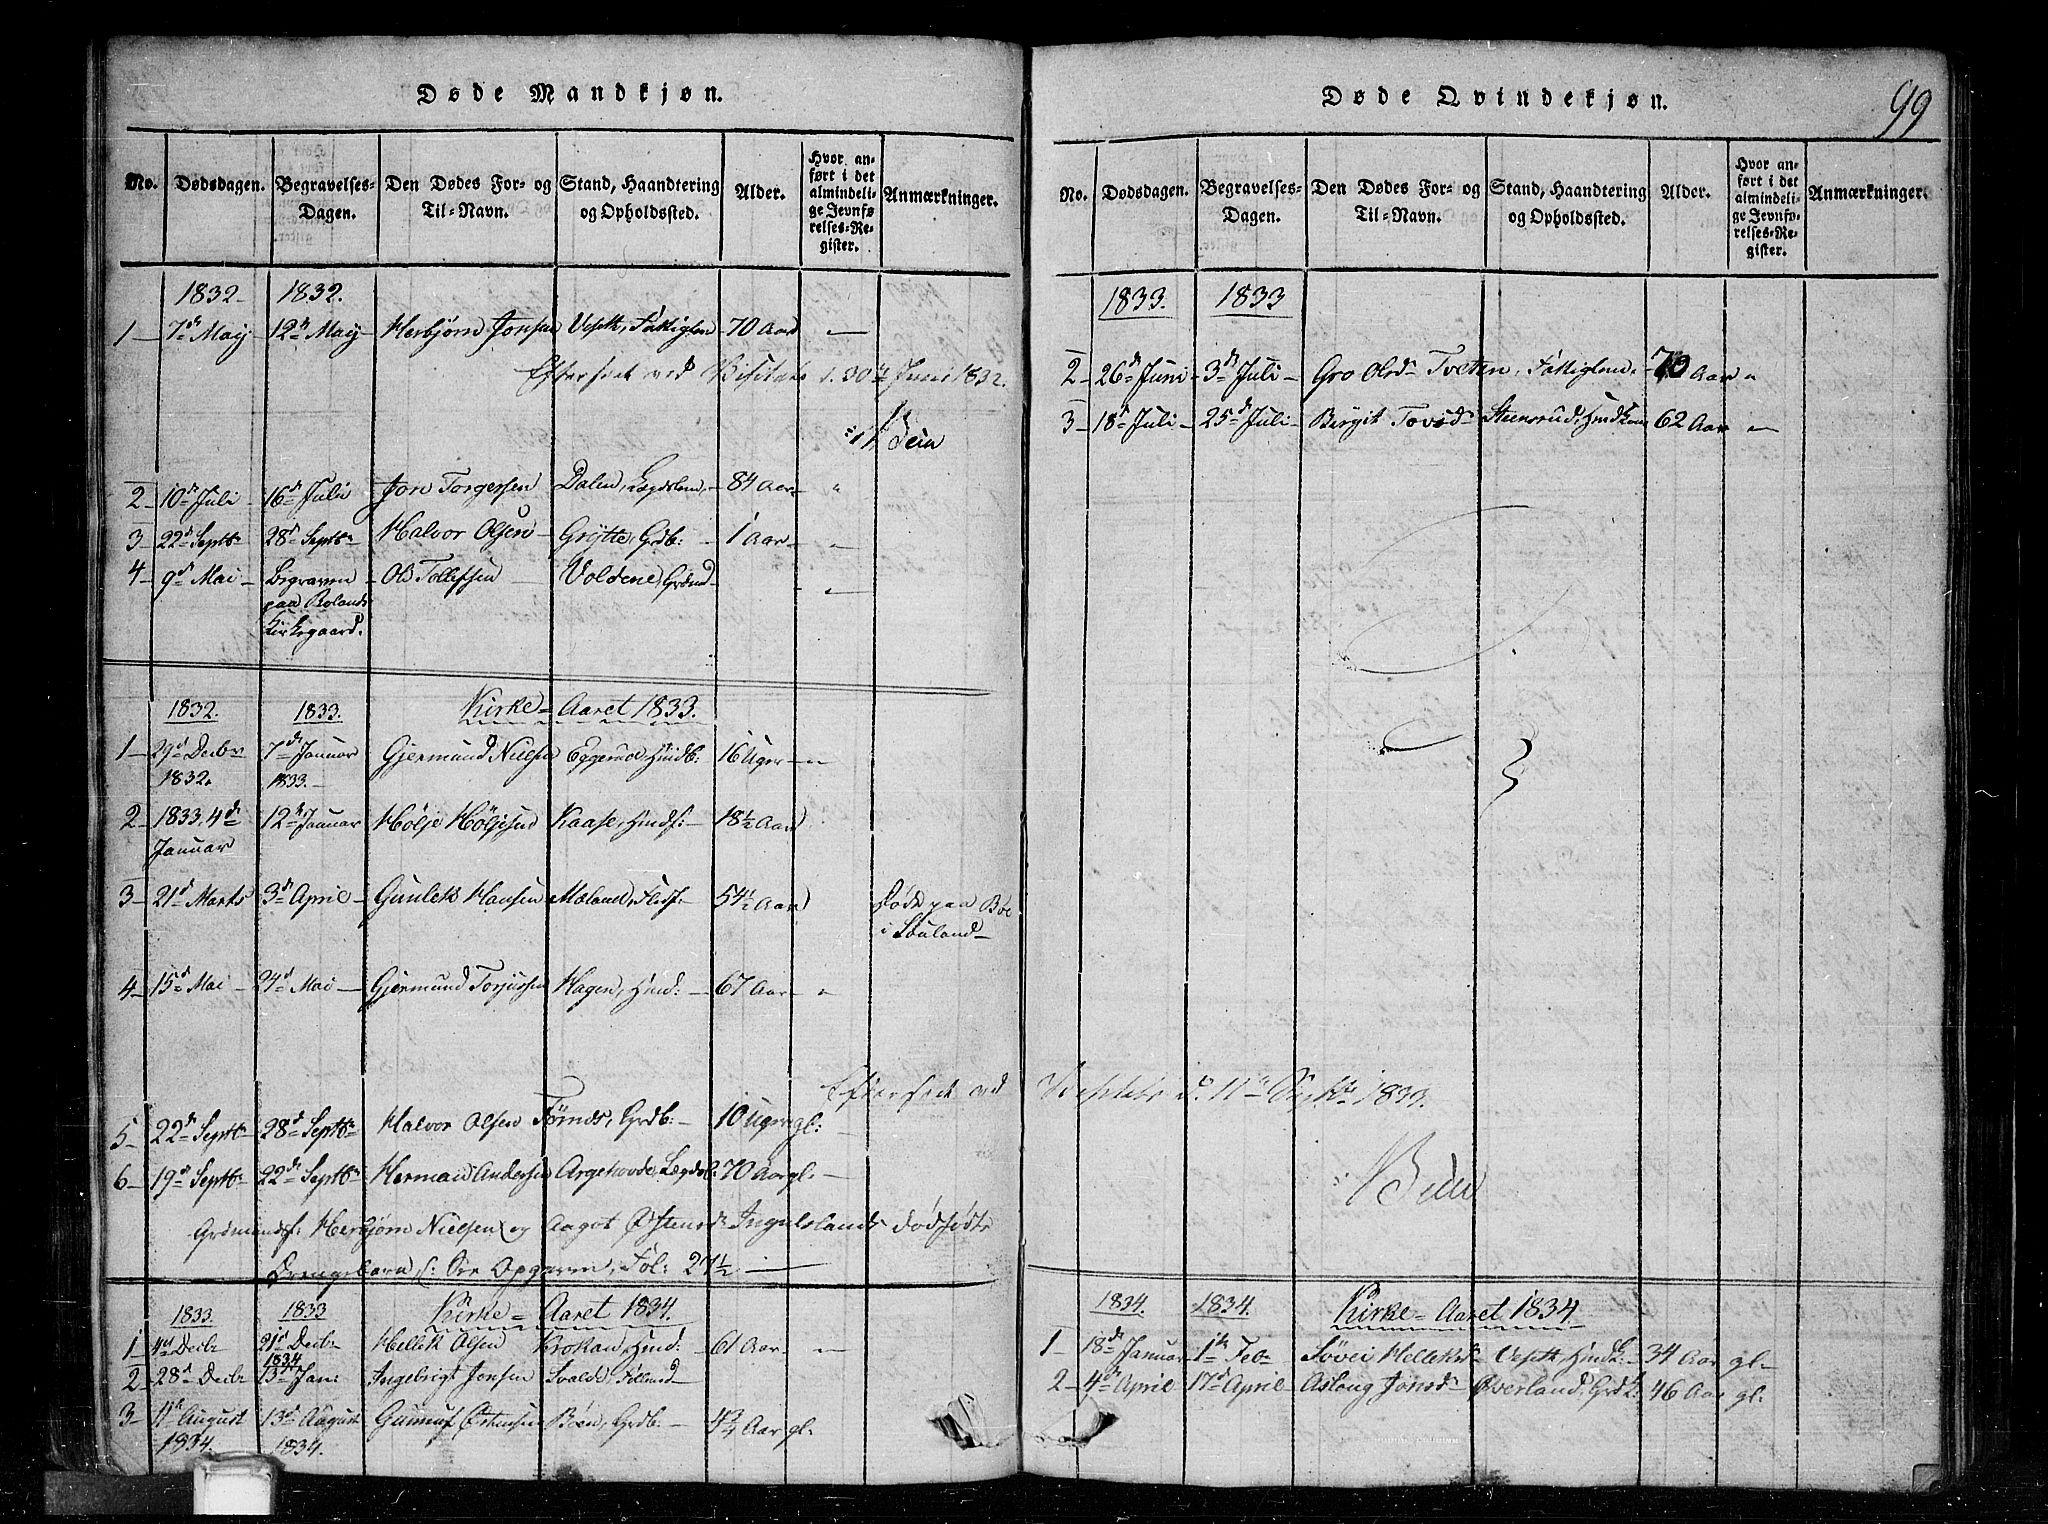 SAKO, Tinn kirkebøker, G/Gc/L0001: Klokkerbok nr. III 1, 1815-1879, s. 99